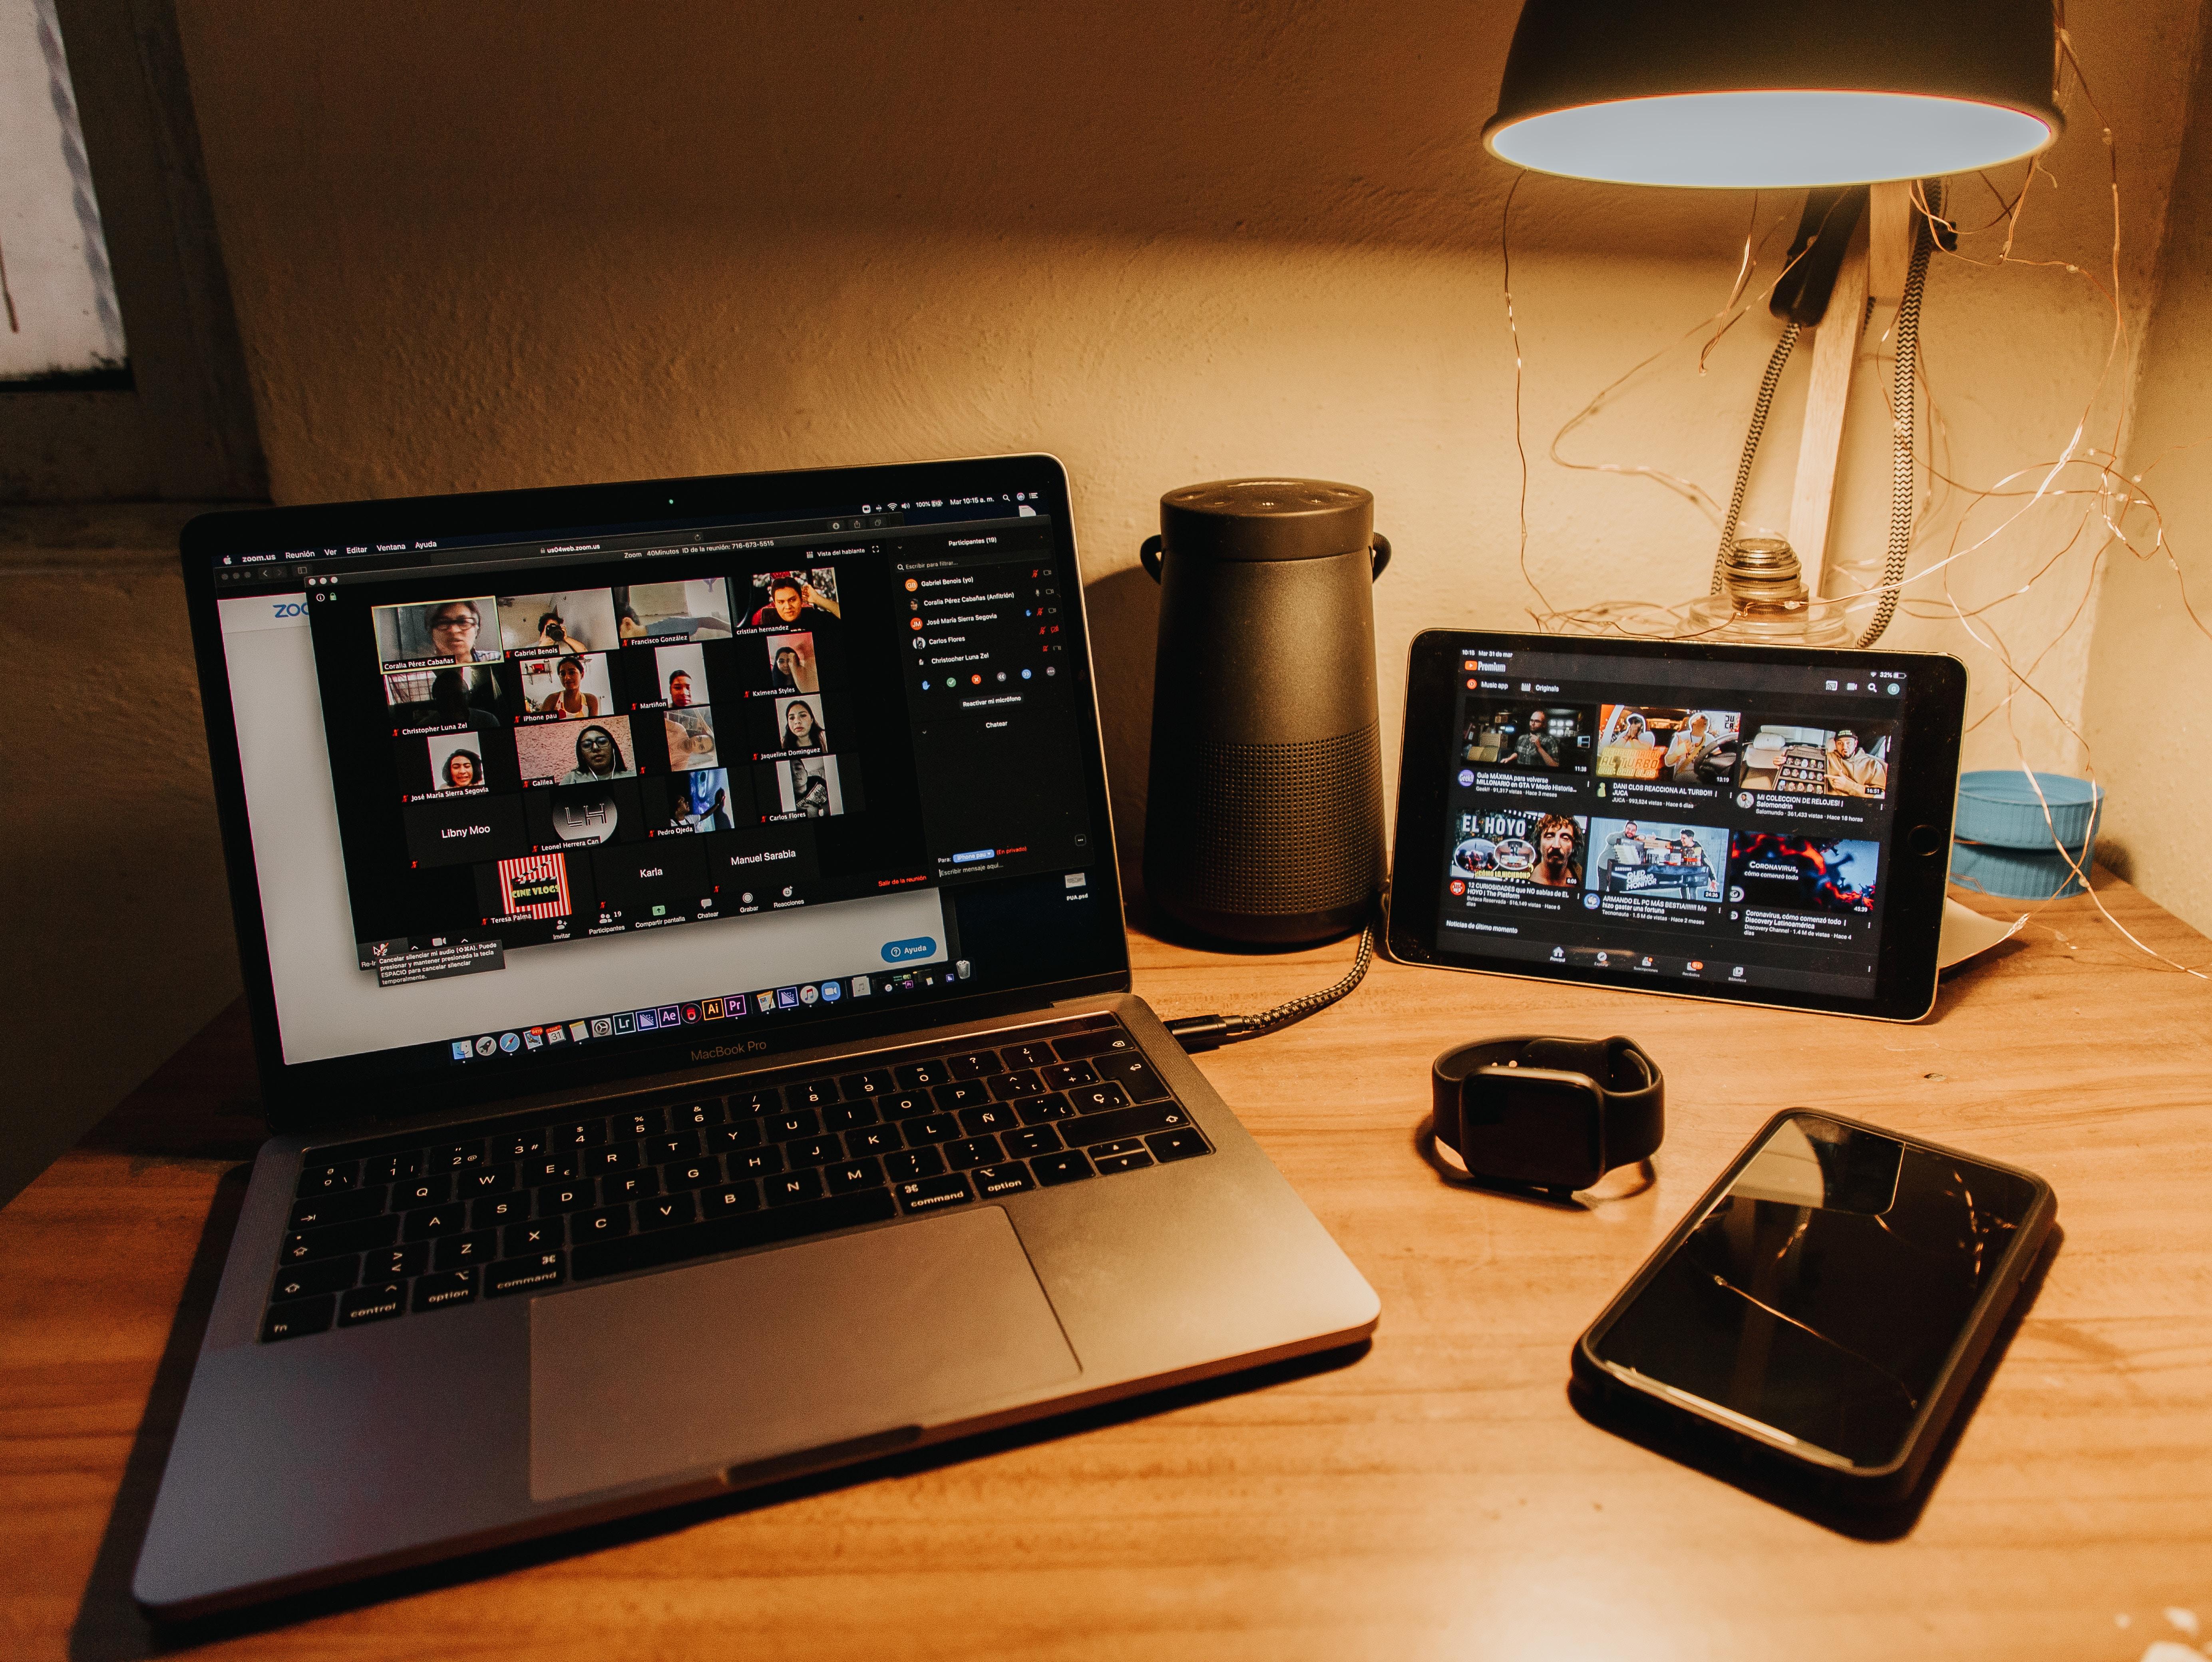 La innovación tecnológica de las #videollamadas se acelera para liderar nuestras comunicaciones personales y profesionales